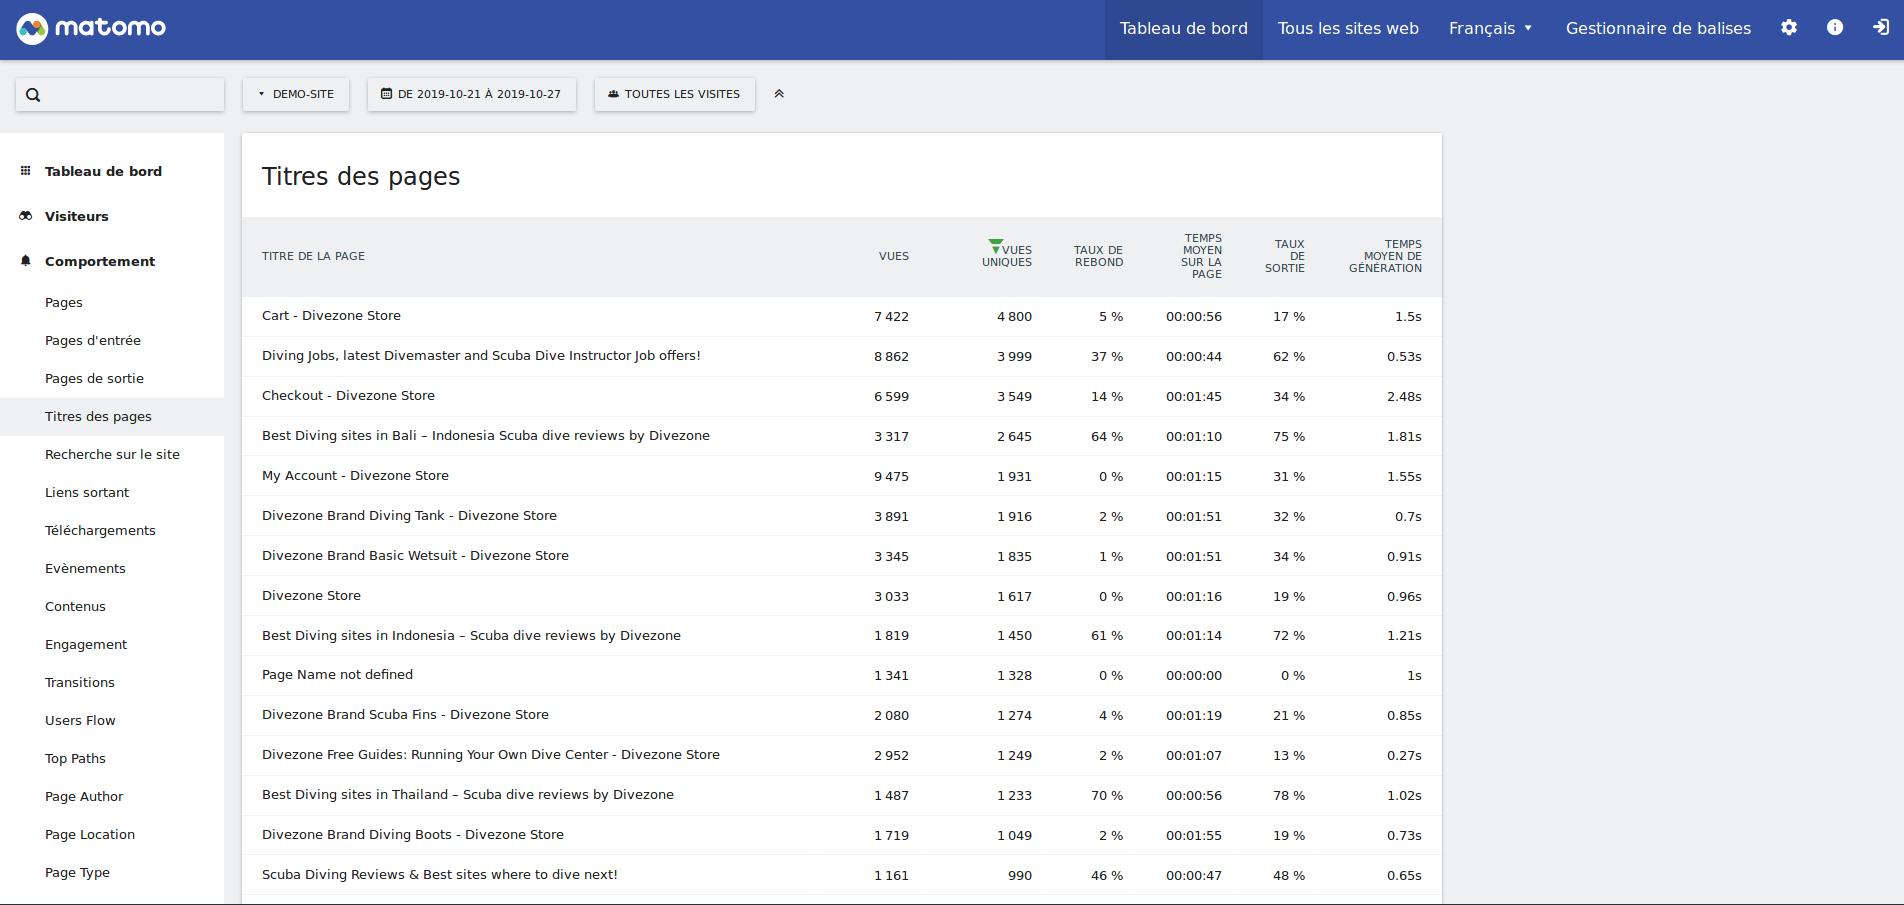 Screenshot_2019-10-25 Demo-Site - De 2019-10-21 à 2019-10-27 - Rapports des statistiques web - Matomo(3)